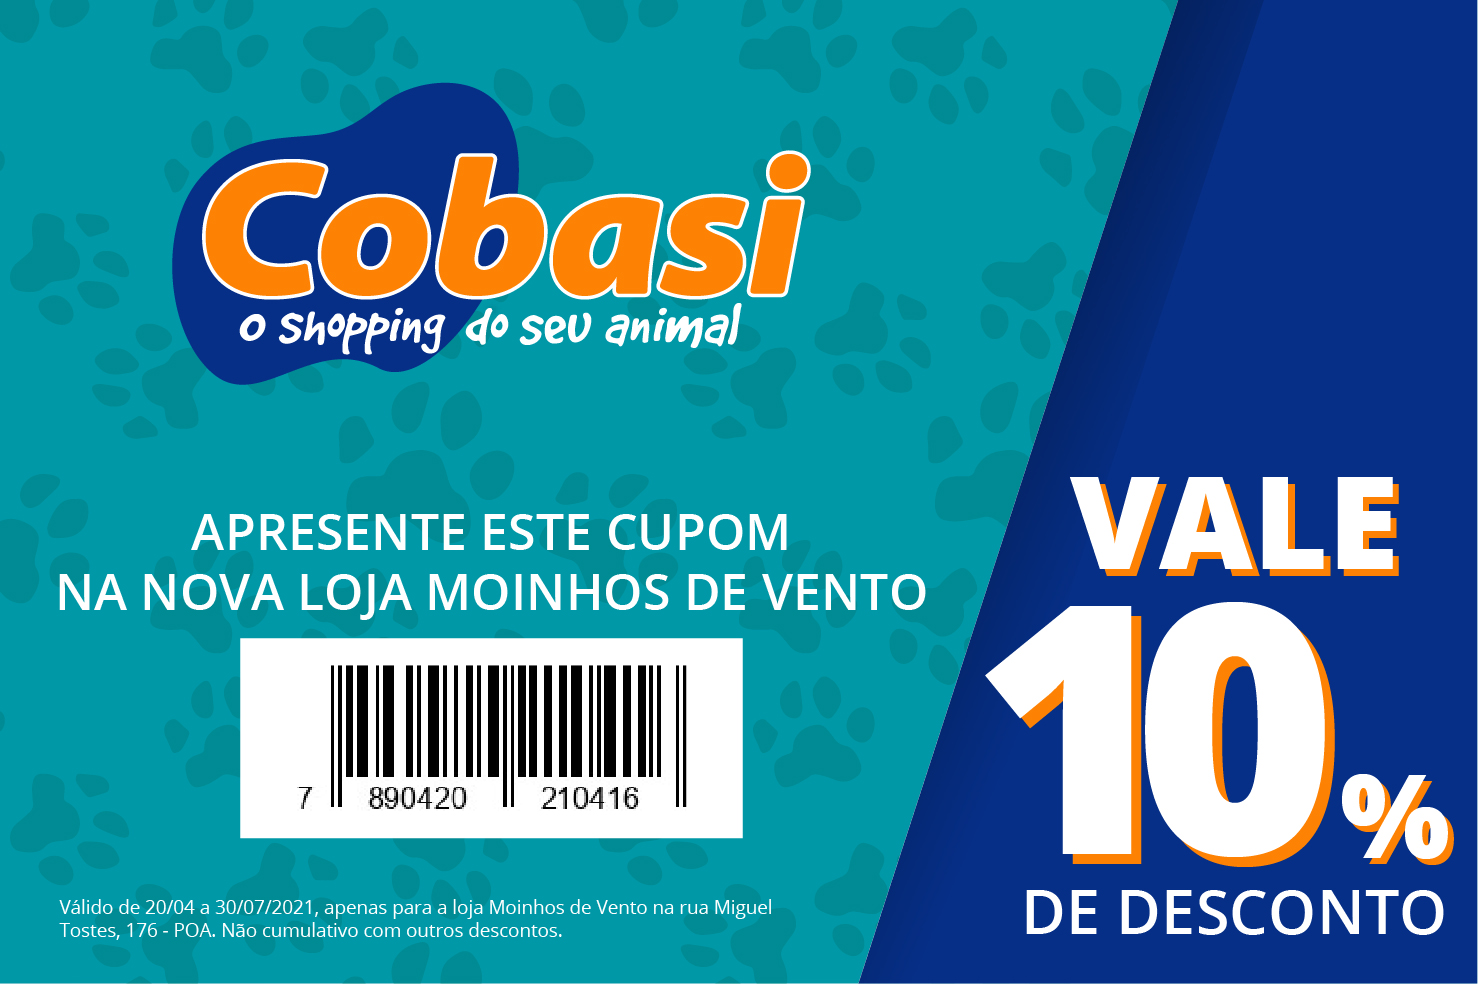 Cupom de desconto Cobasi Porto Alegre